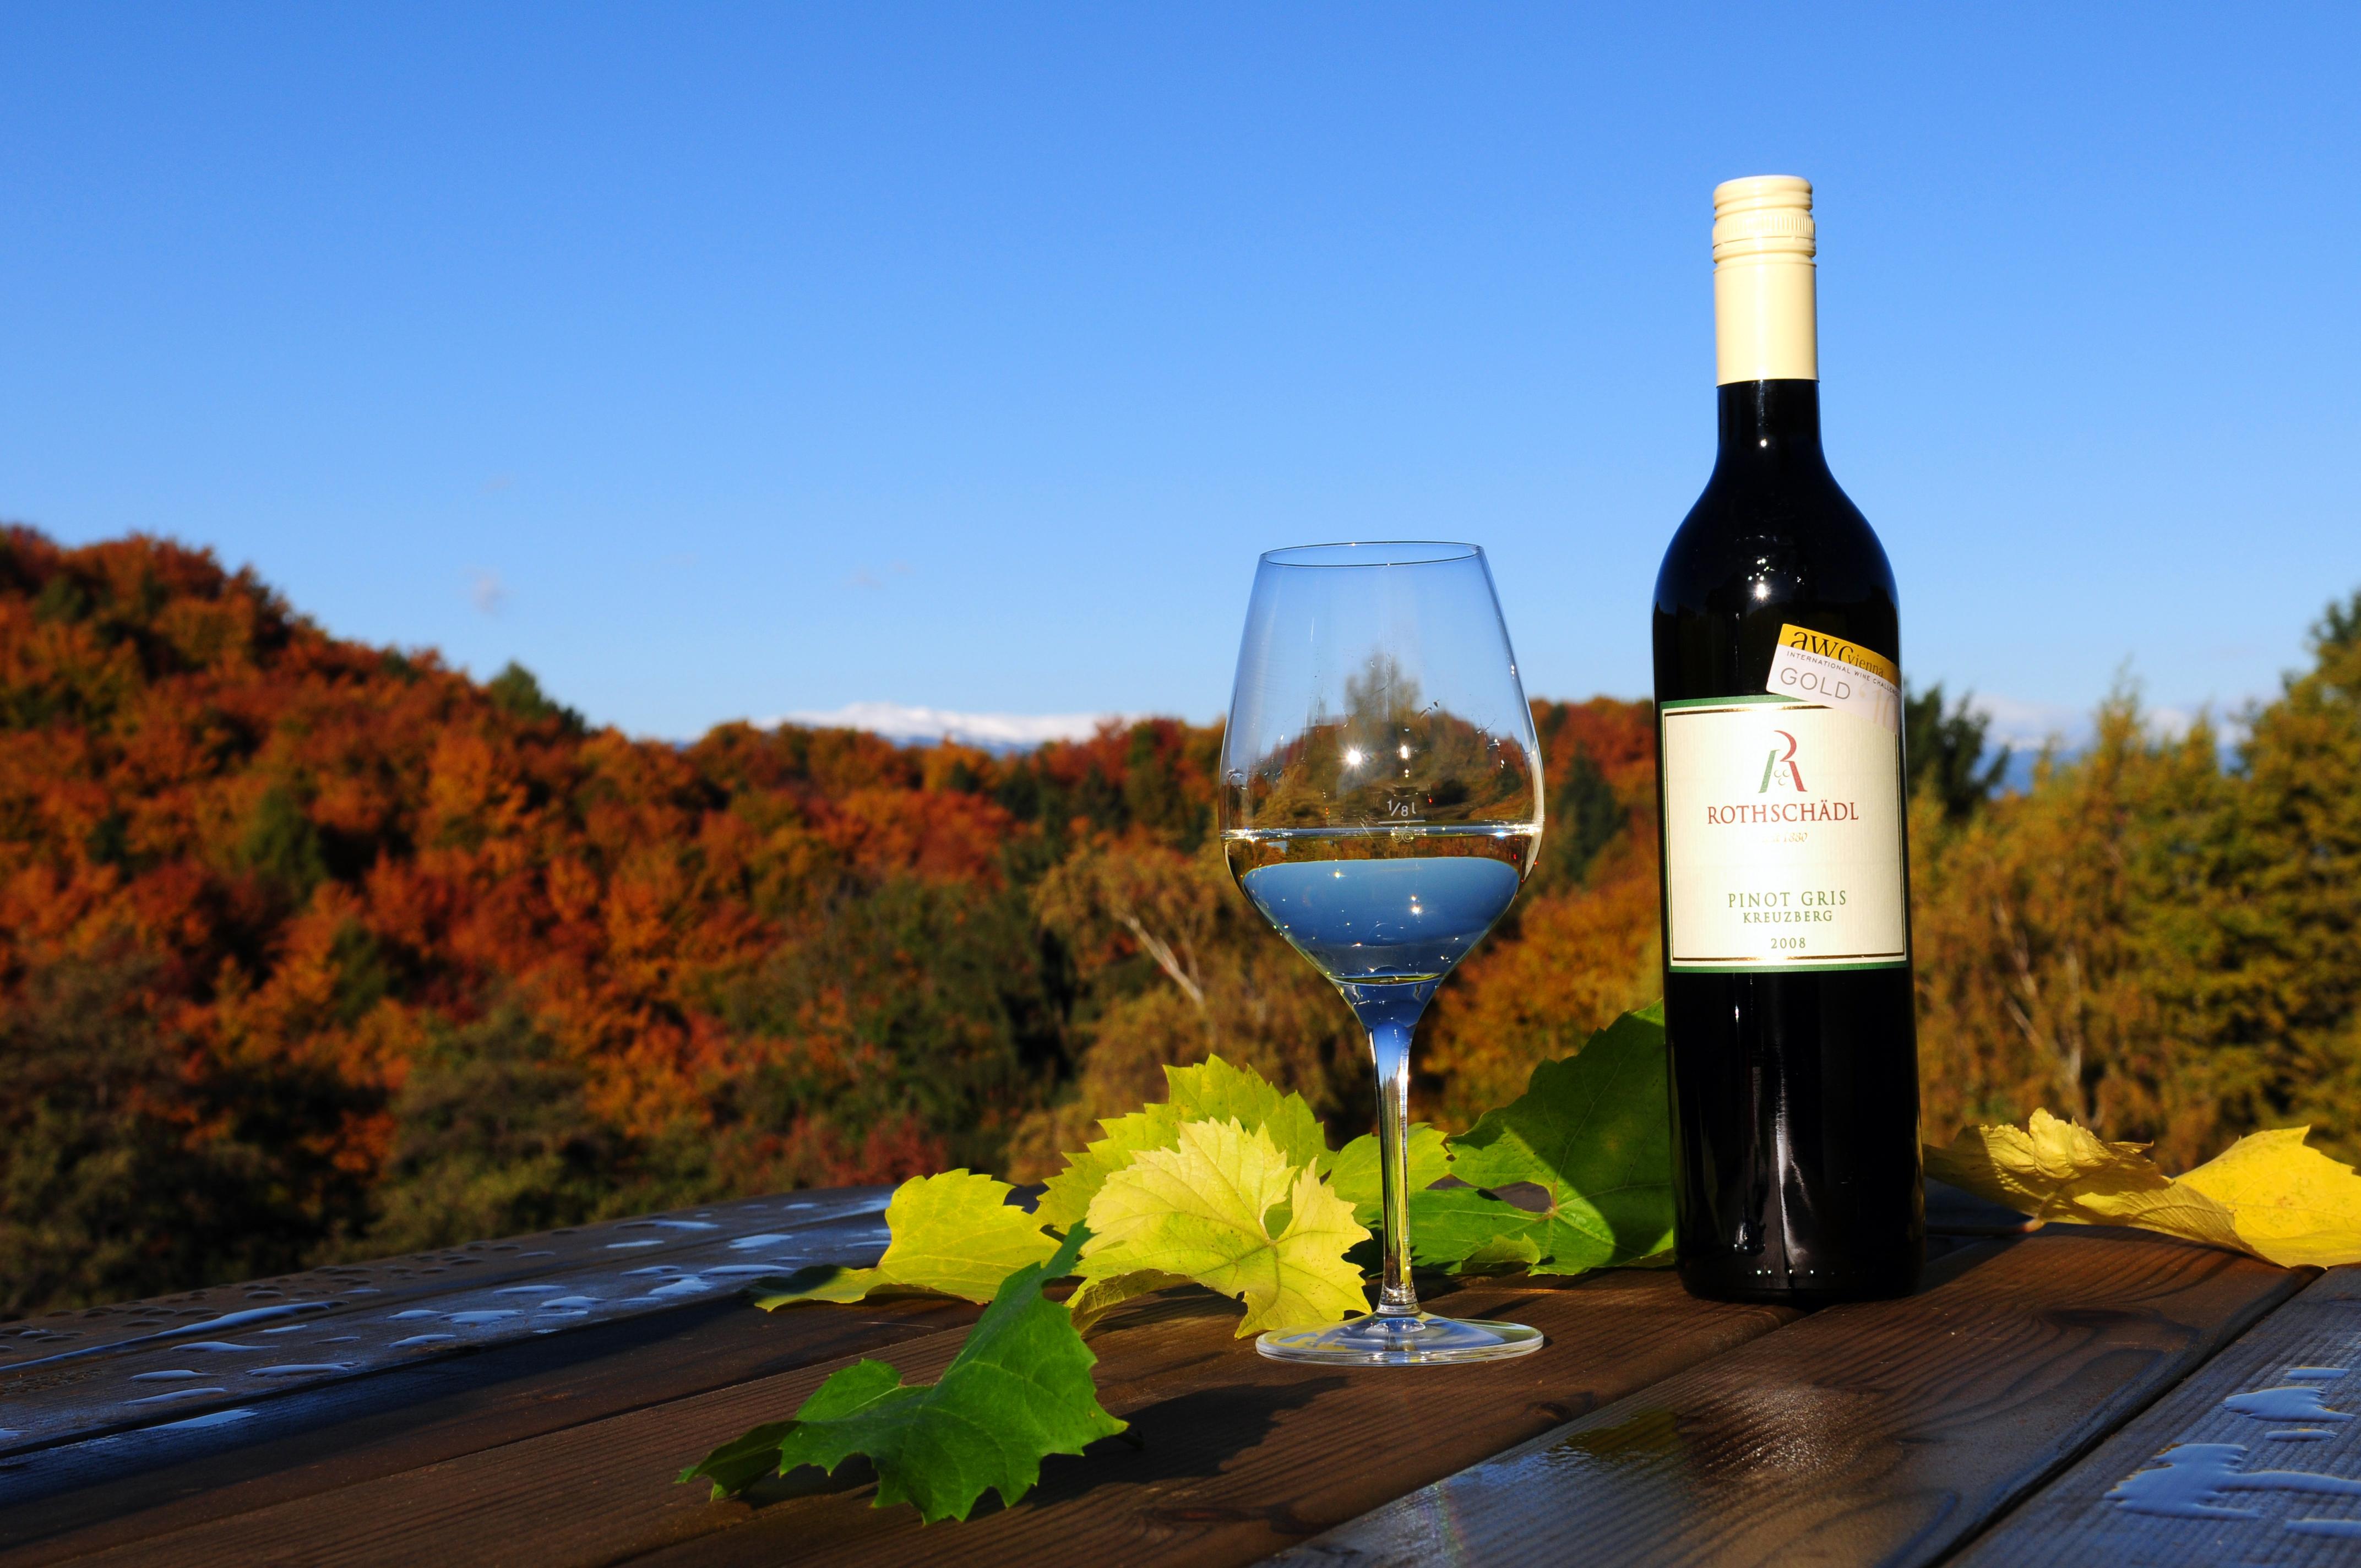 Wein - Pinot Gris